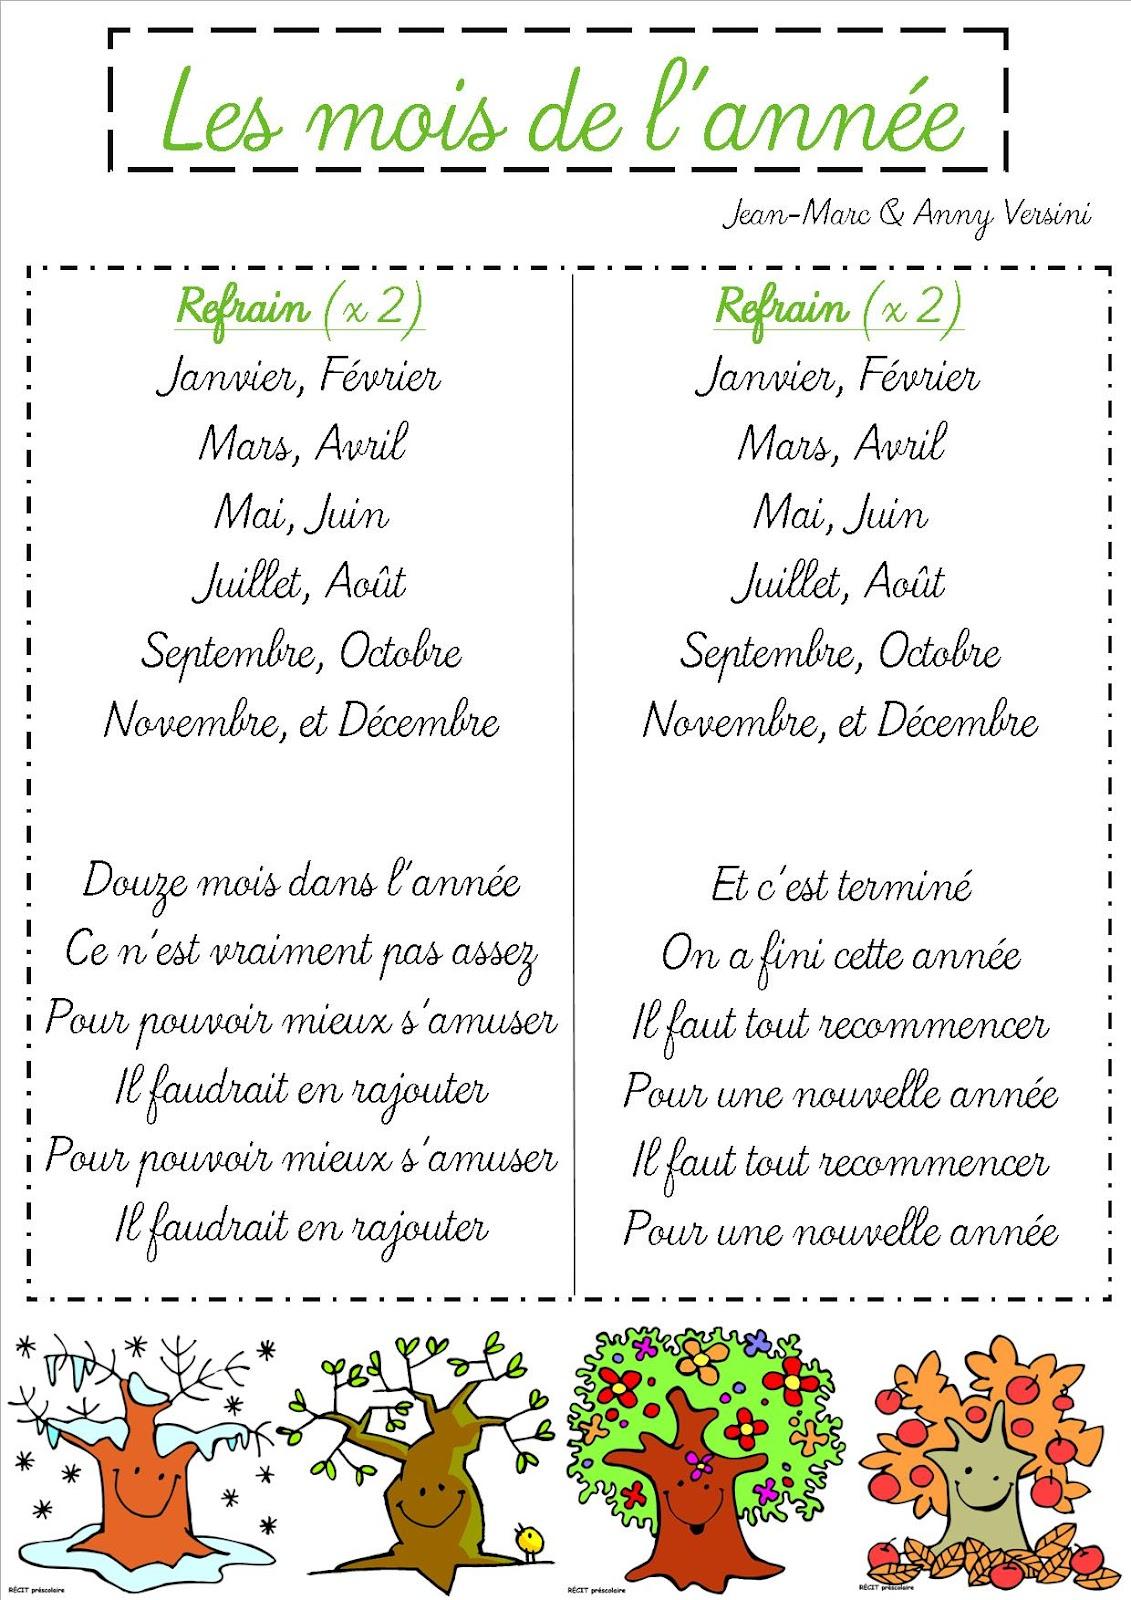 La Chanson Des Douze Mois : chanson, douze, Chanson, L'année, Nouveau, Cl'école, Spéracèdes